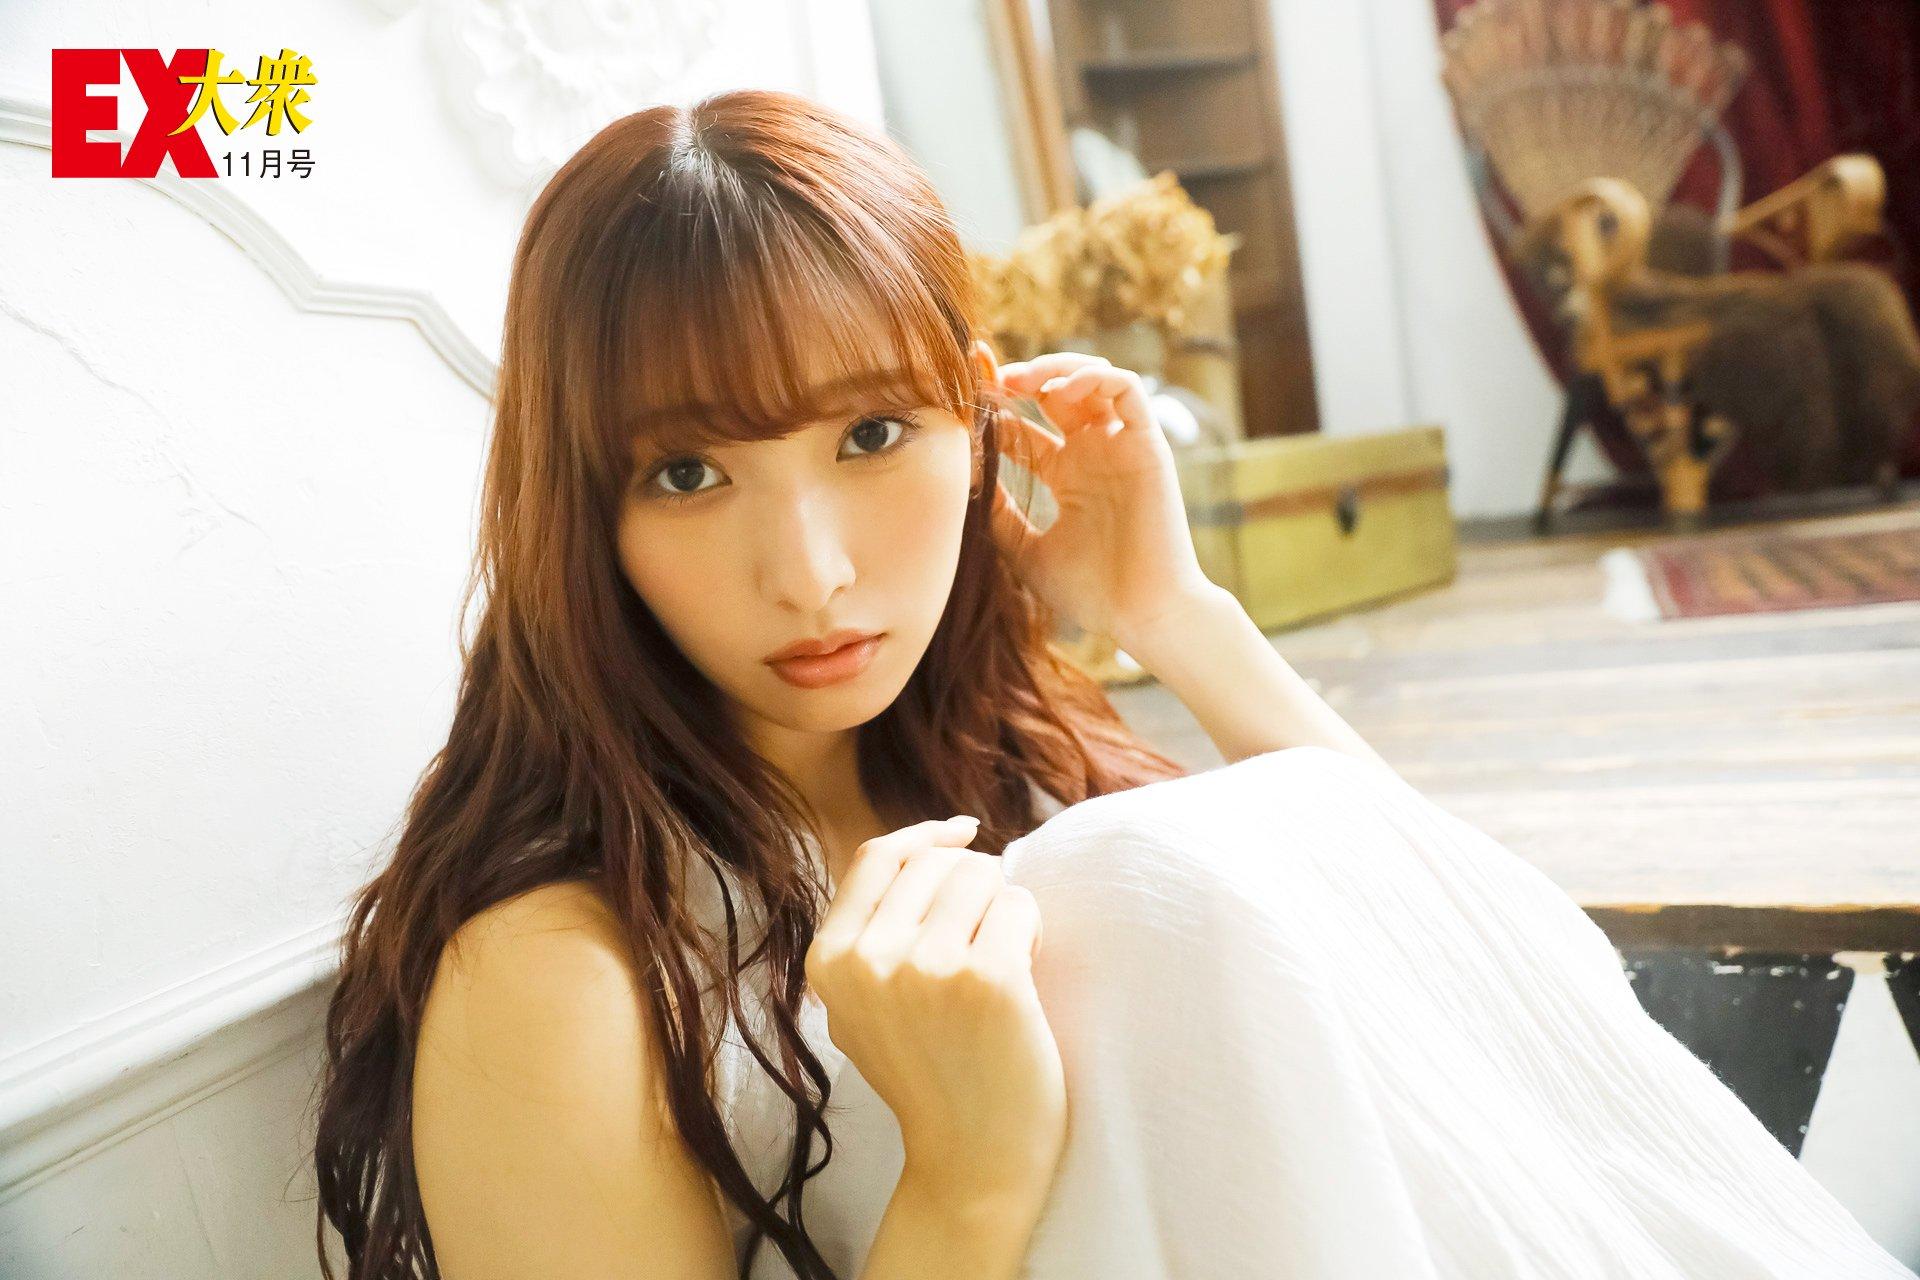 HKT48栗原紗英の本誌未掲載カット4枚を大公開!【EX大衆11月号】の画像001